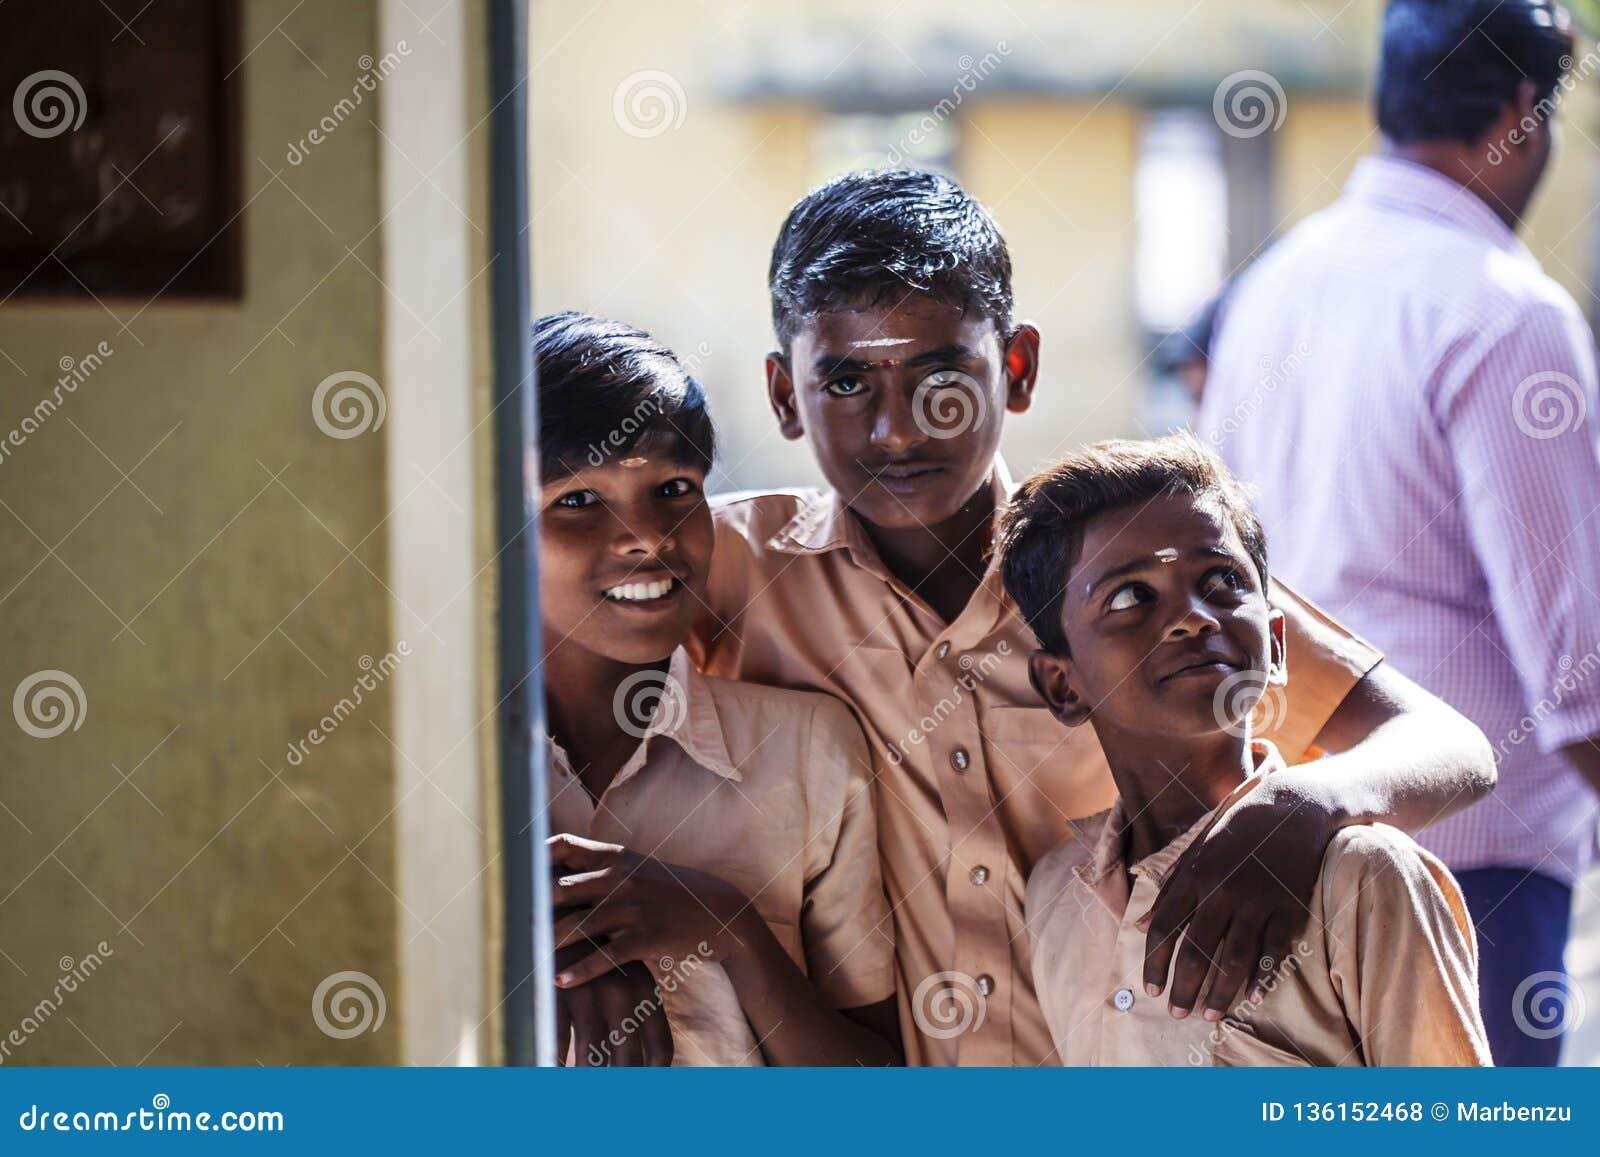 Indische allgemeine Schule, Kinder in den Schuluniformen neuen Tag grüßend